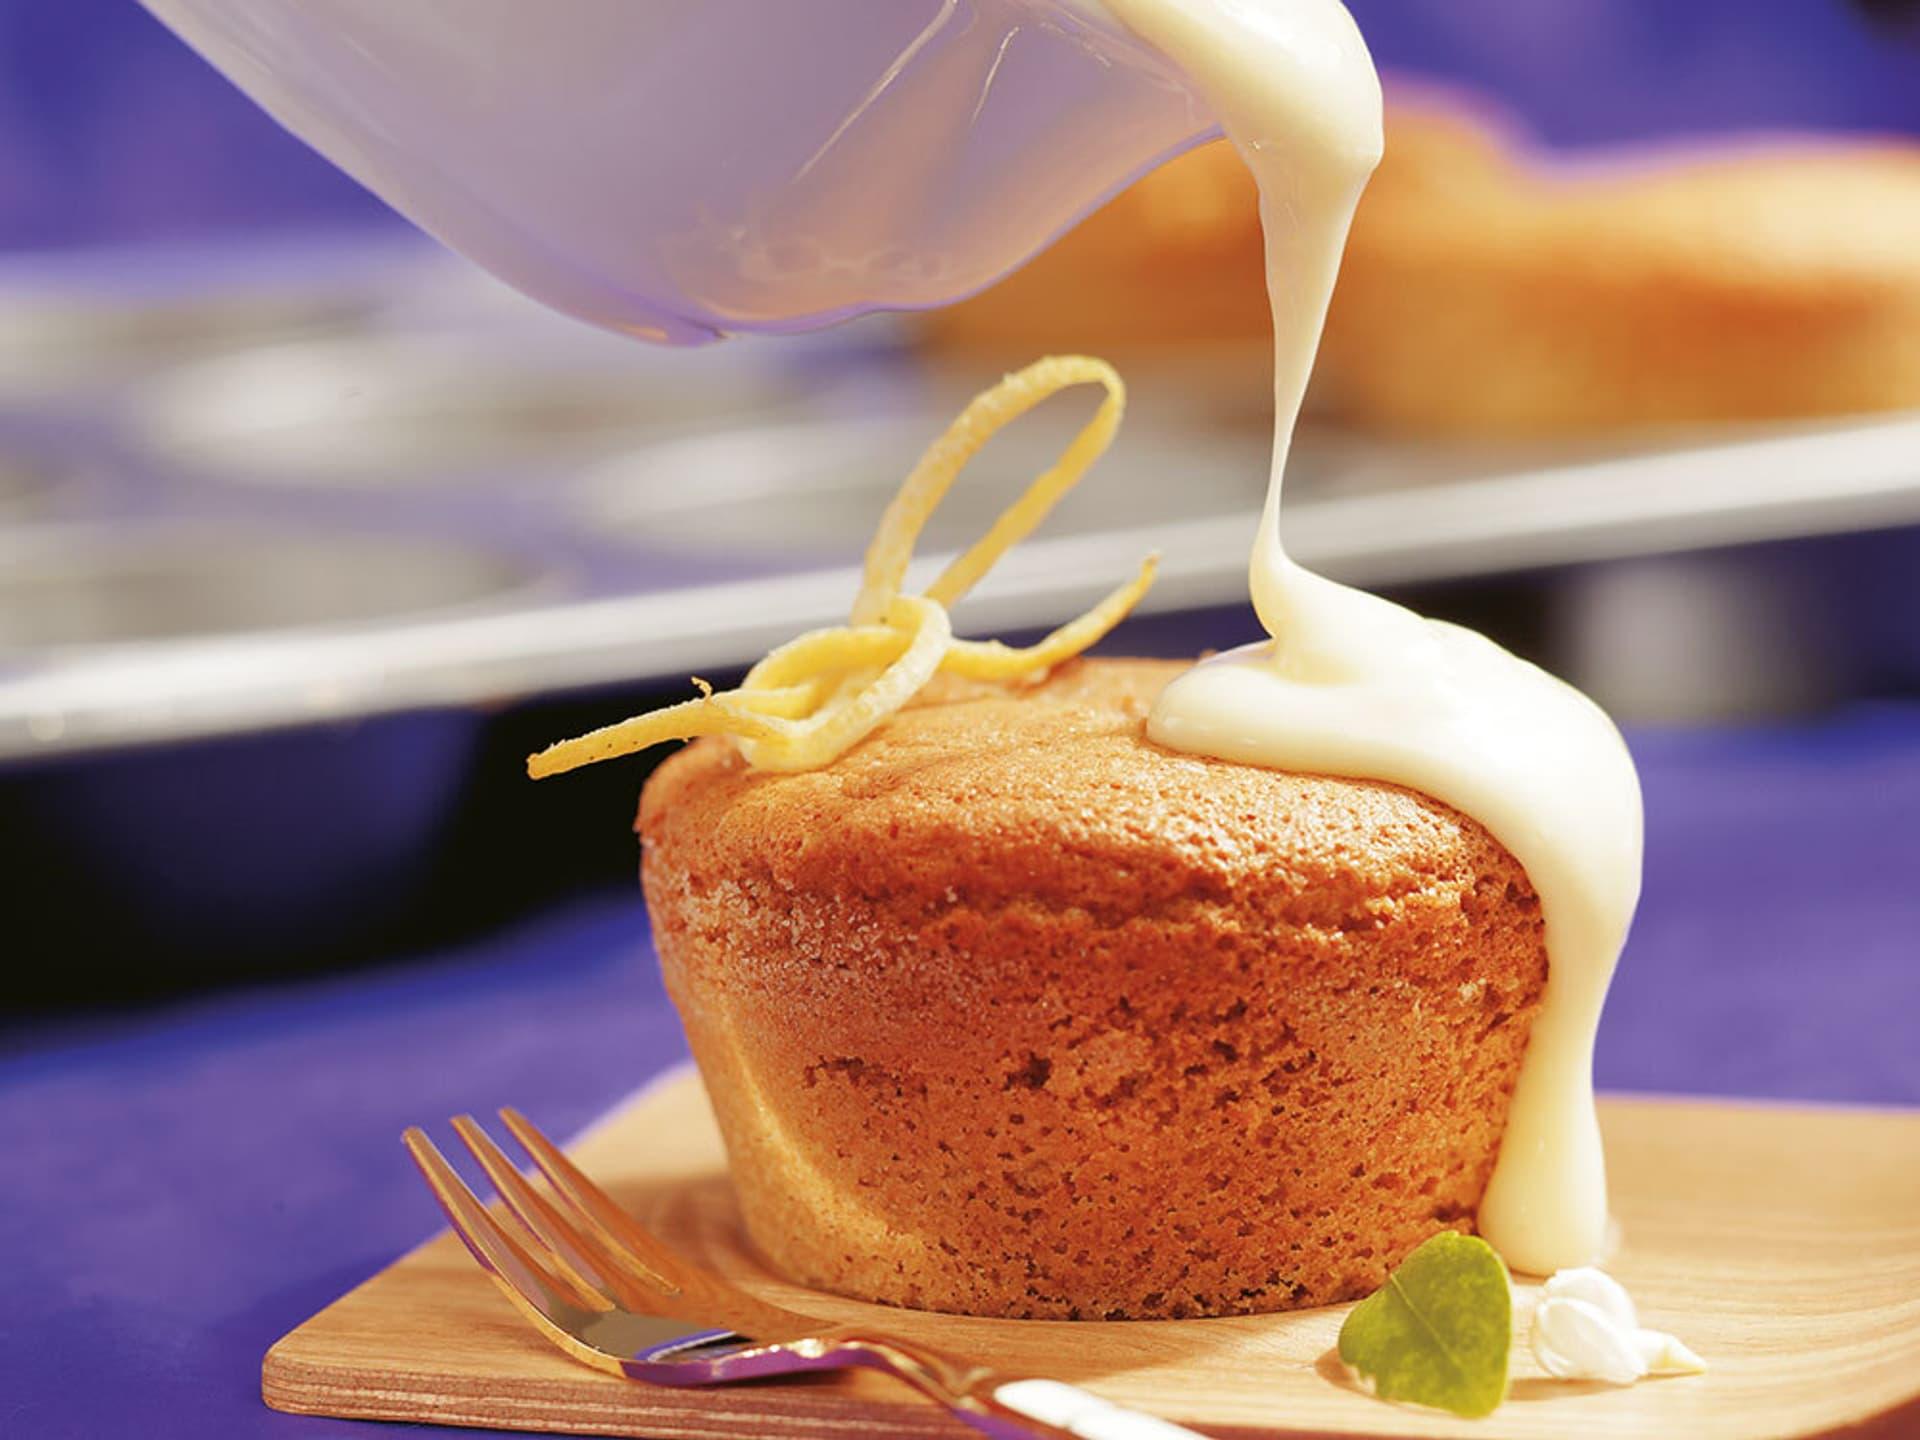 Zitronentörtchen mit warmer Vanillesoße